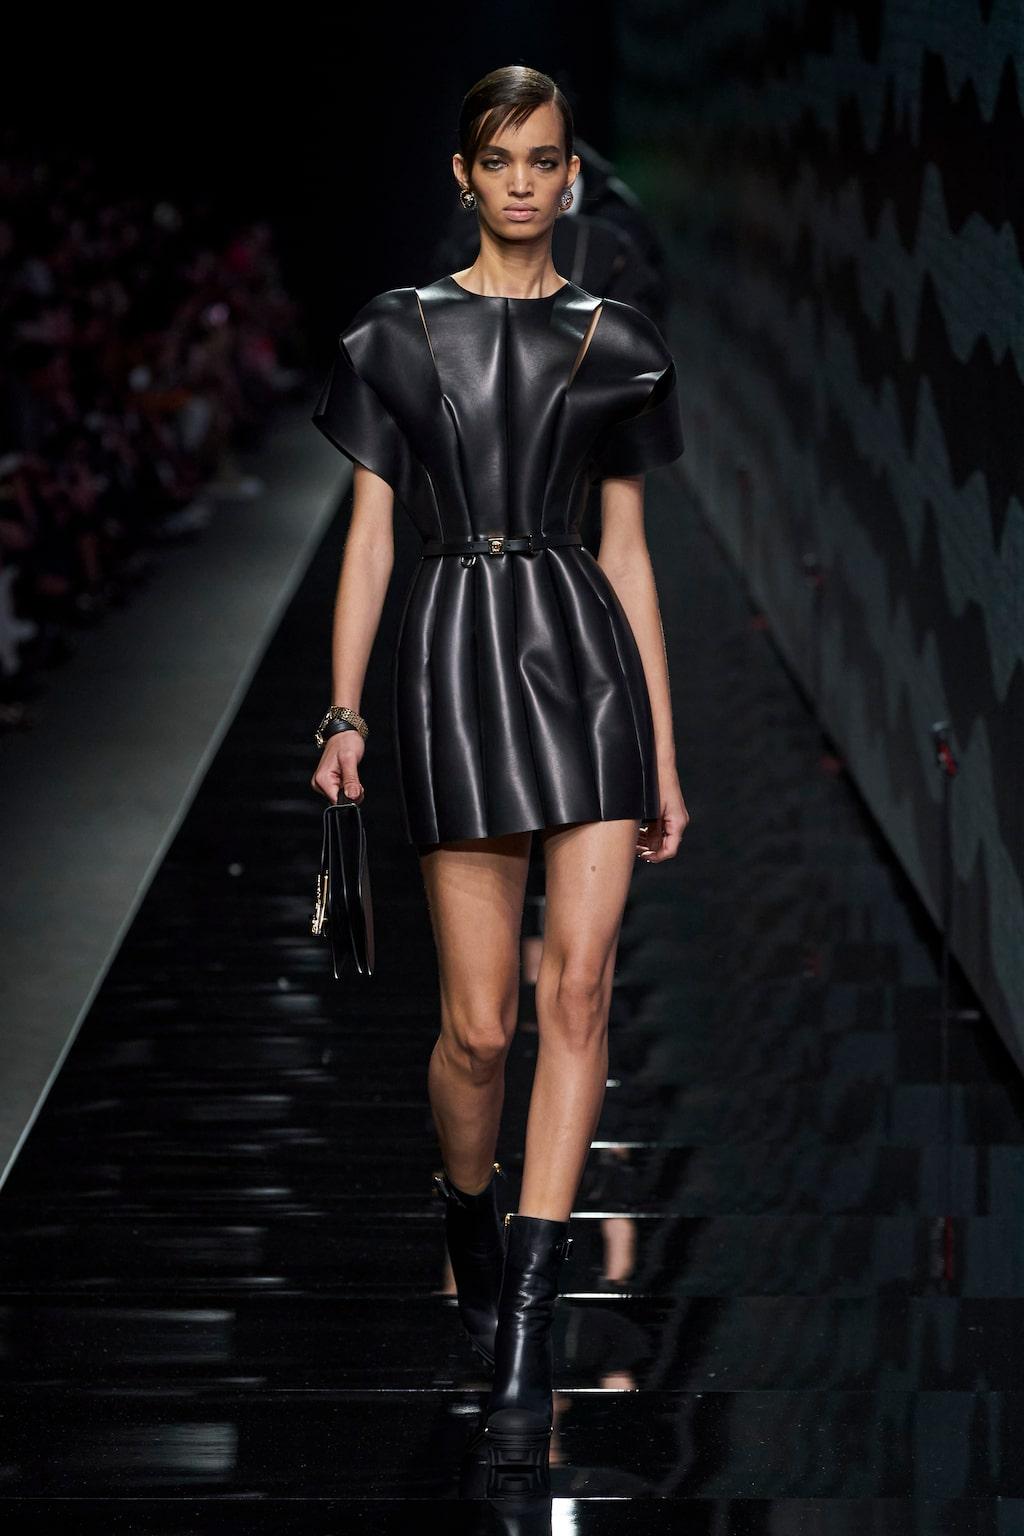 Höstmode 2020: svart hos Versace AW20.